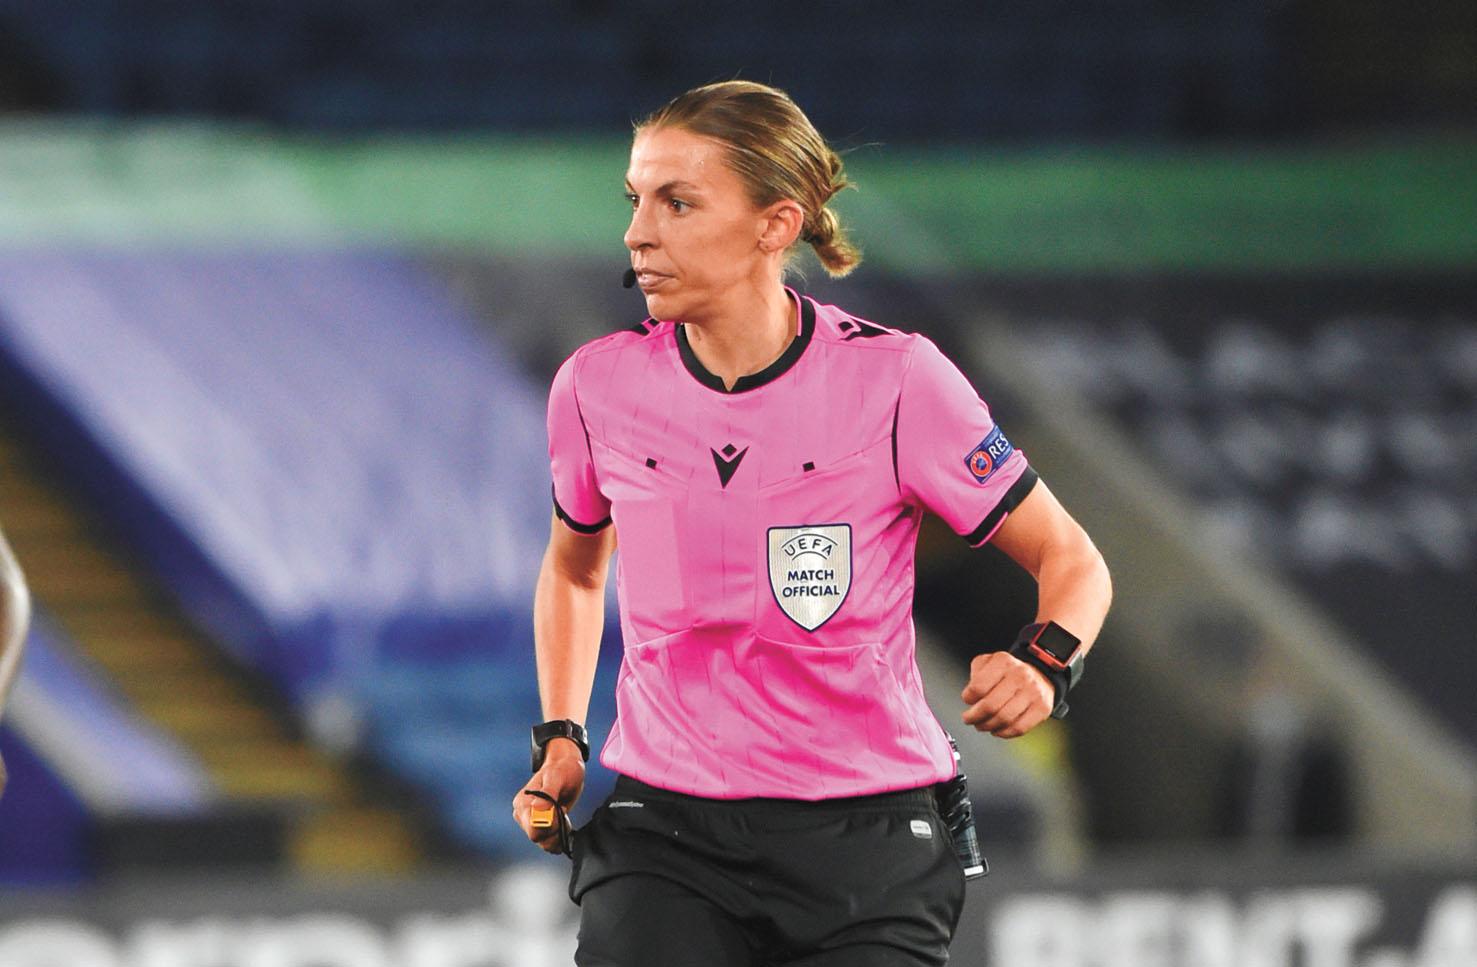 史蒂芬妮執法過歐聯盃比賽。美聯社